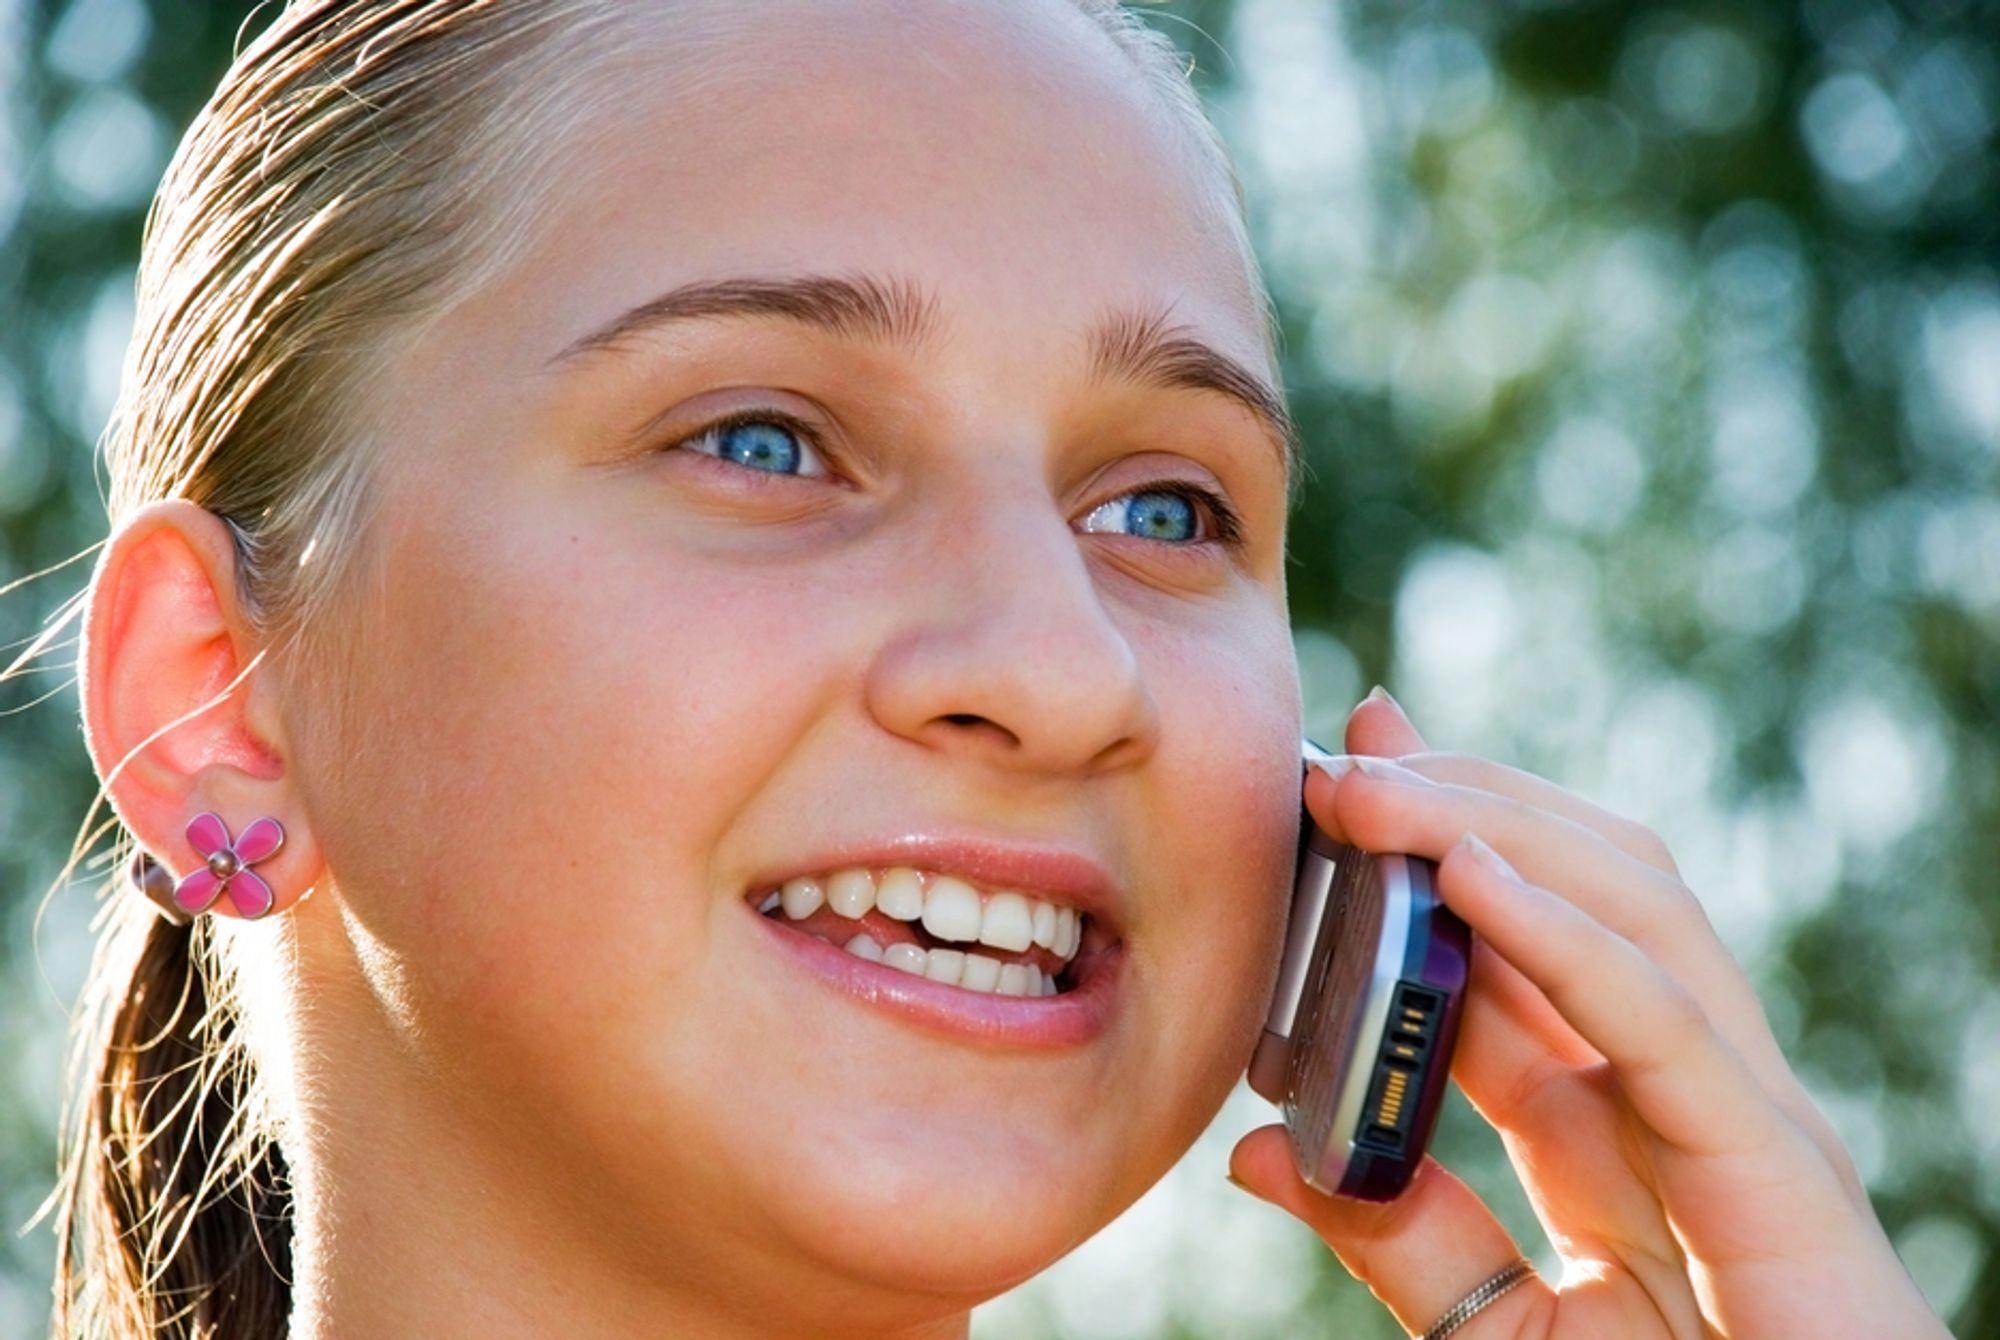 Tross eksplosjon i bruk av mobiltelefoner har forekomstene av hjernekreft gått ned i USA de siste 20 årene.